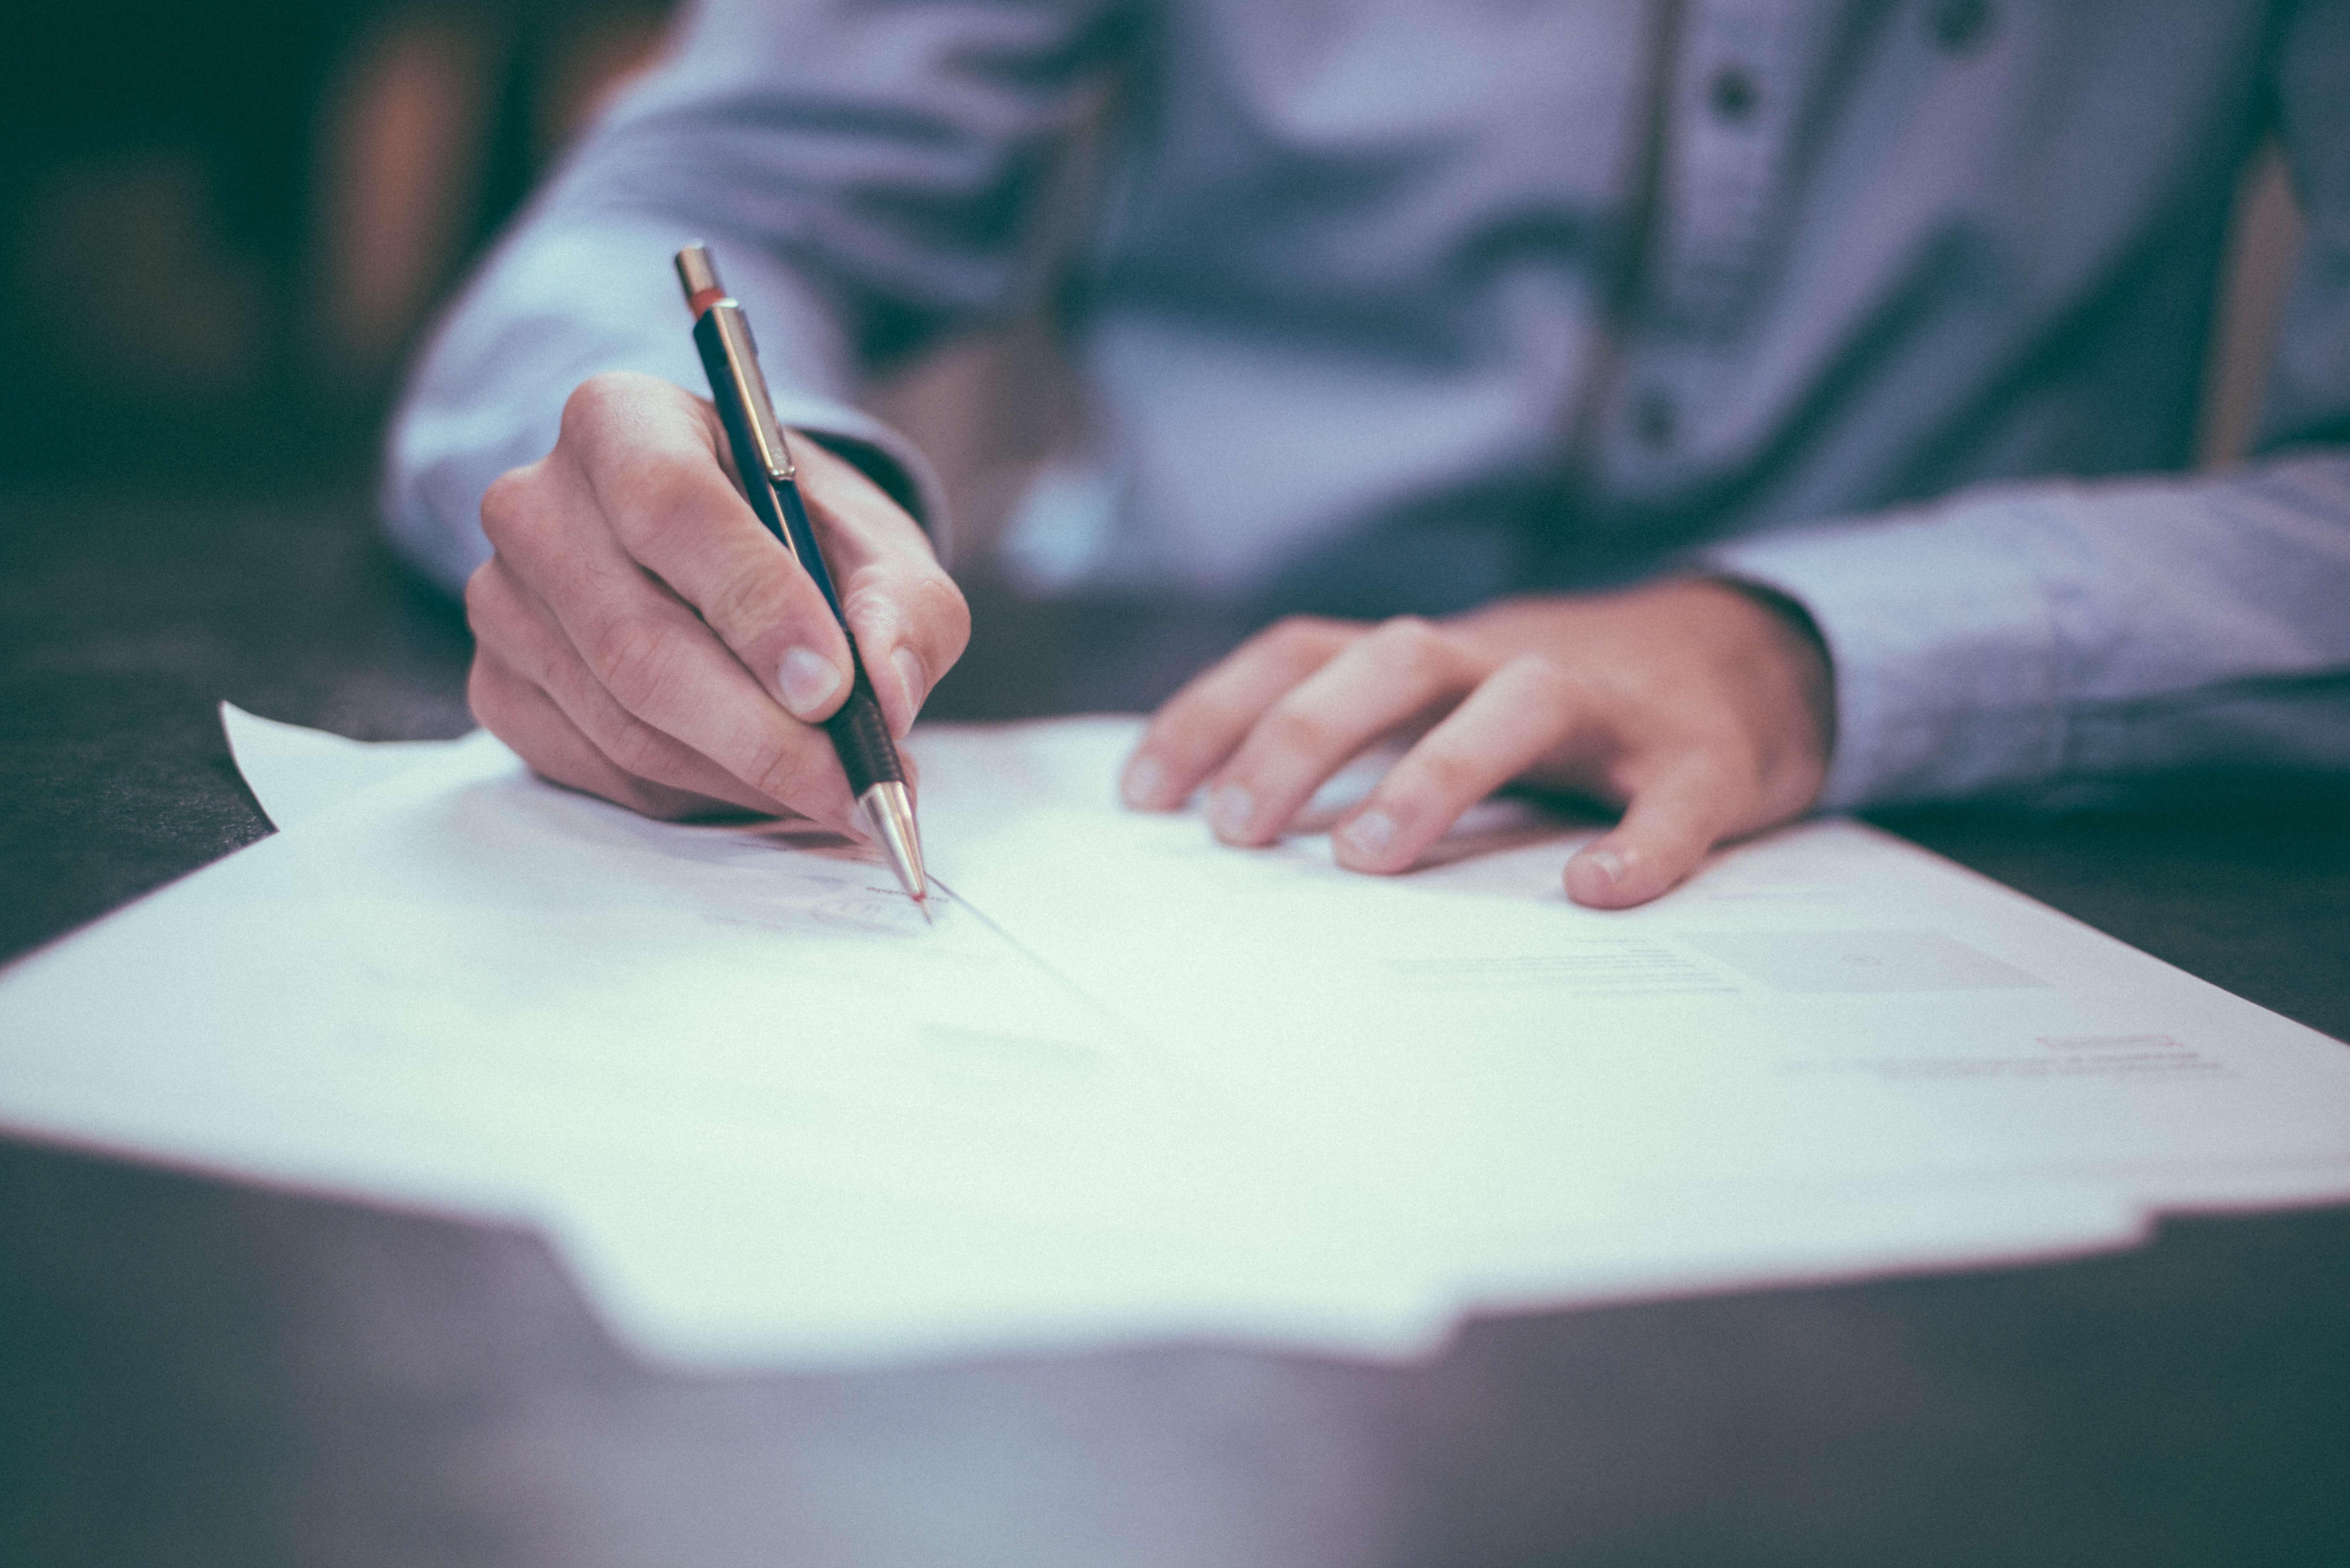 Ein Mann bearbeitet viele vor sich liegende Dokumente